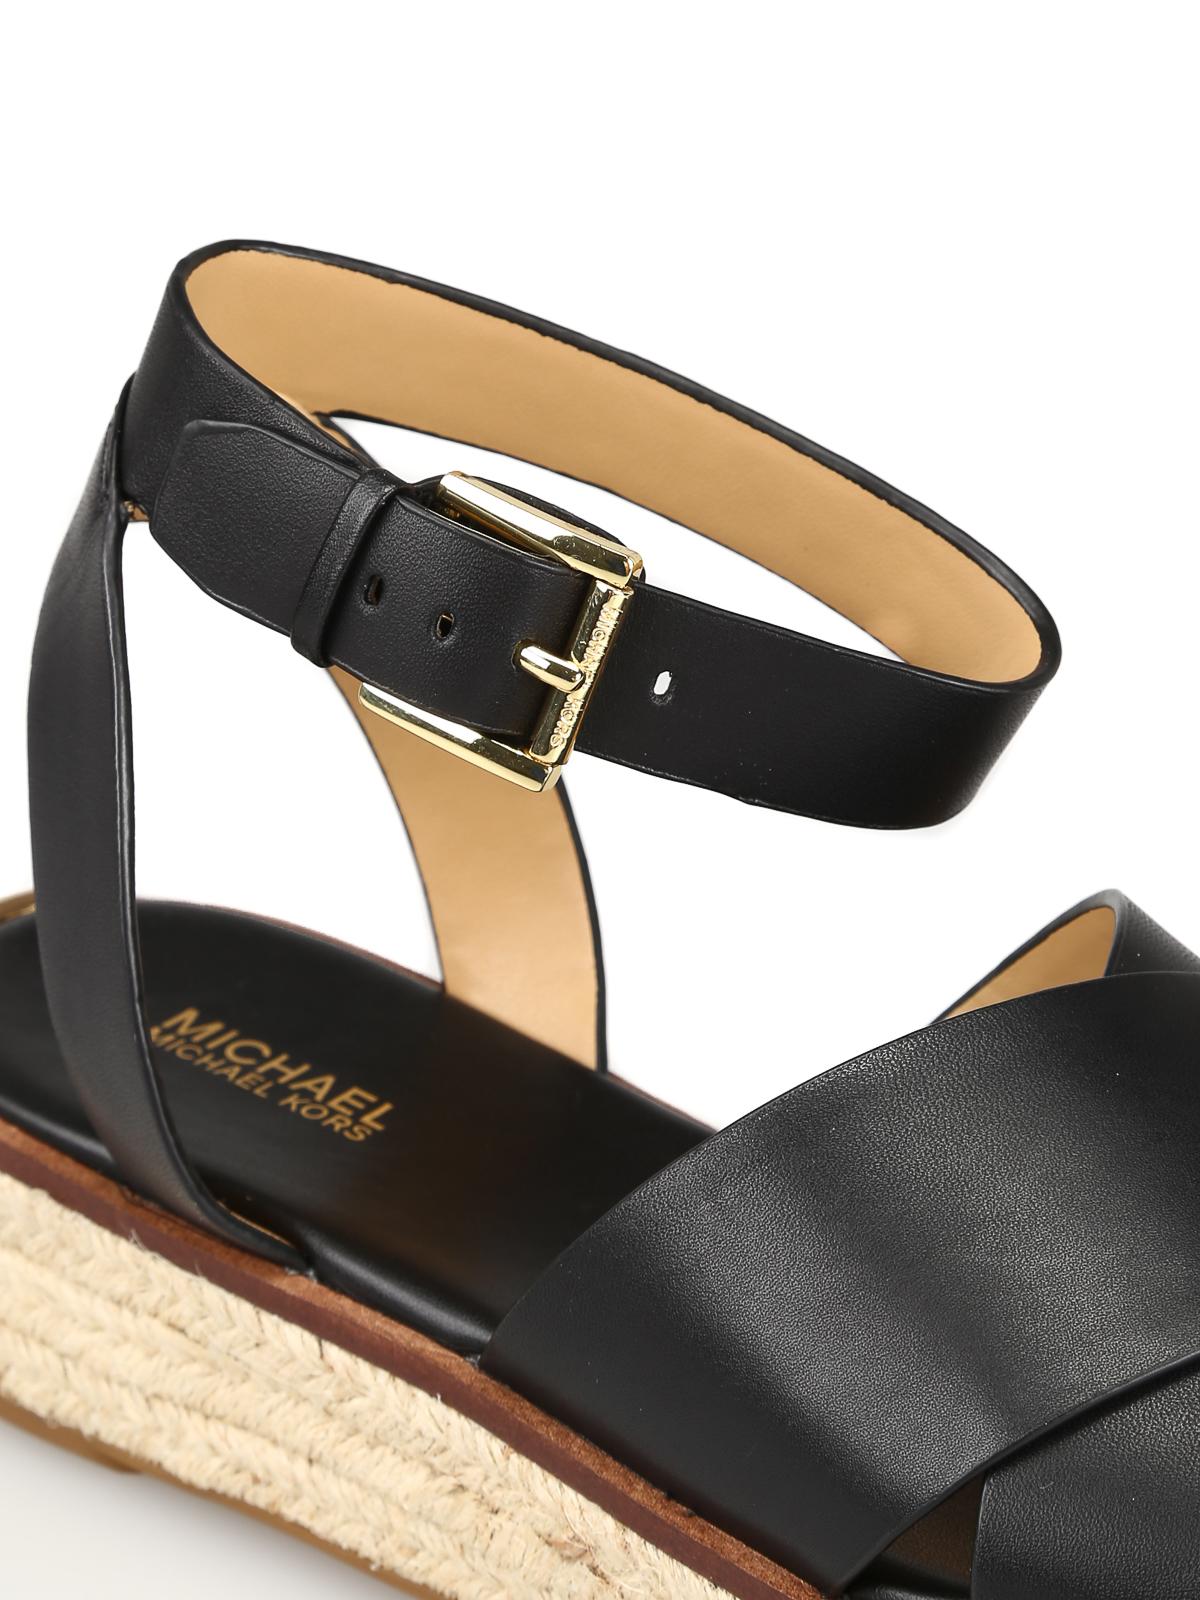 Michael Kors - Abbott black leather